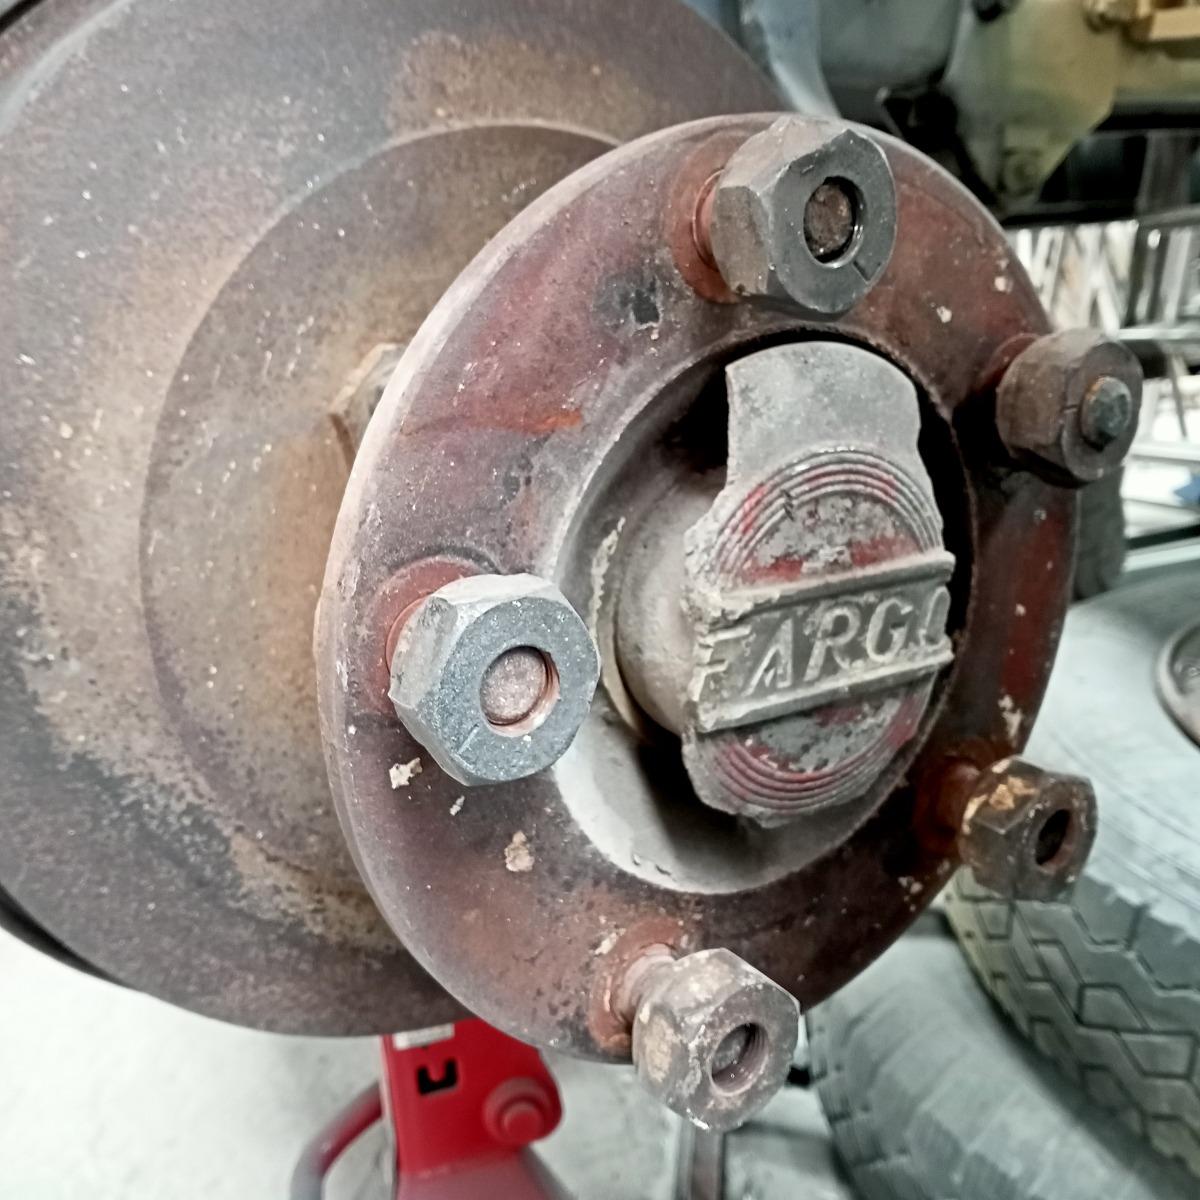 La marca del vehicle, que data del 1948, a l'eix de les rodes davanteres.